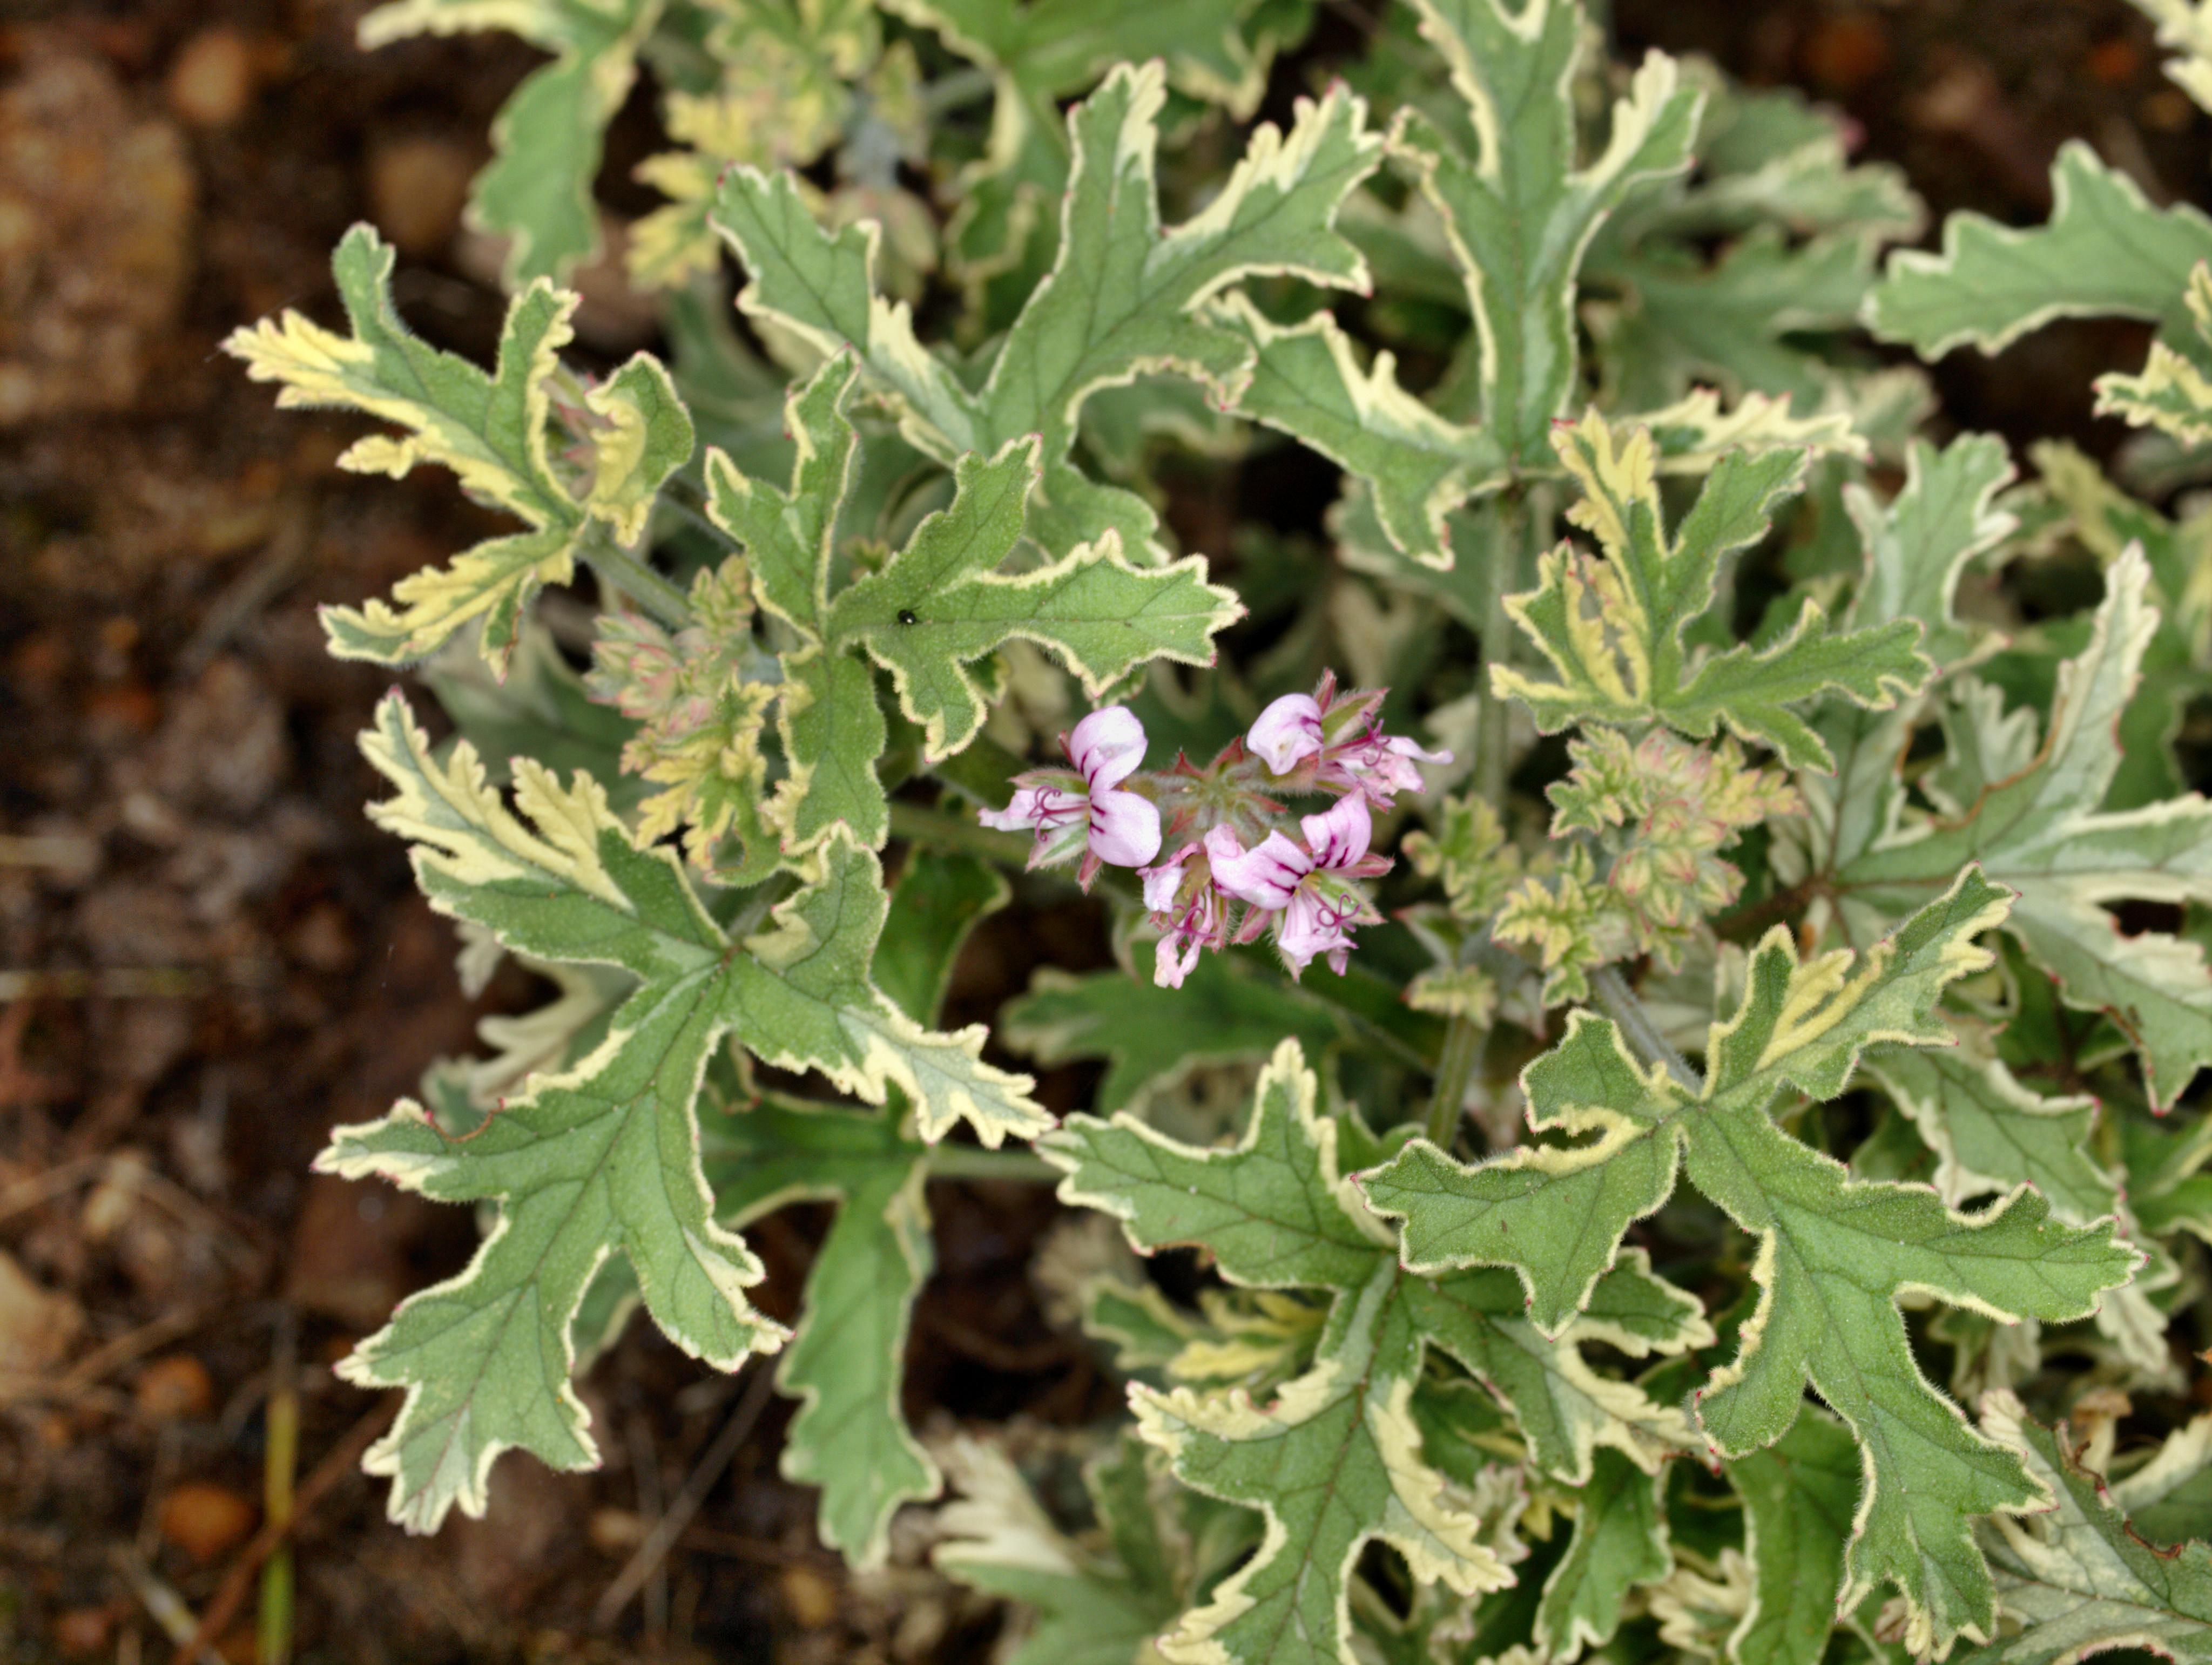 Pelargonium-11.jpeg